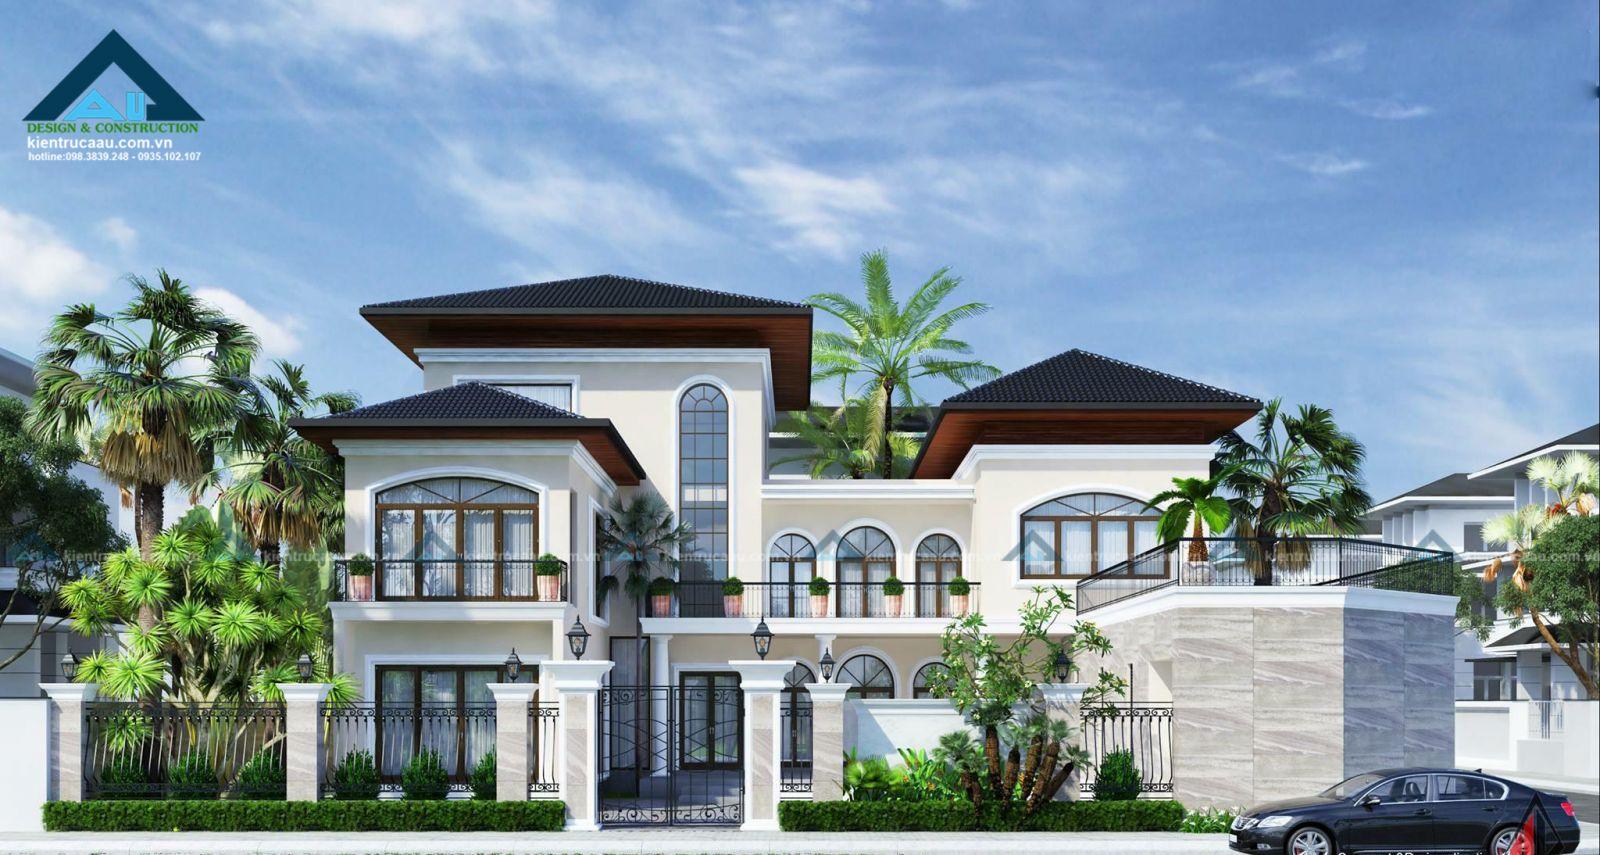 Thiết kế kiến trúc tại Đà Nẵng chất lượng nhất hiện nay - Công ty Kiến trúc Á Âu